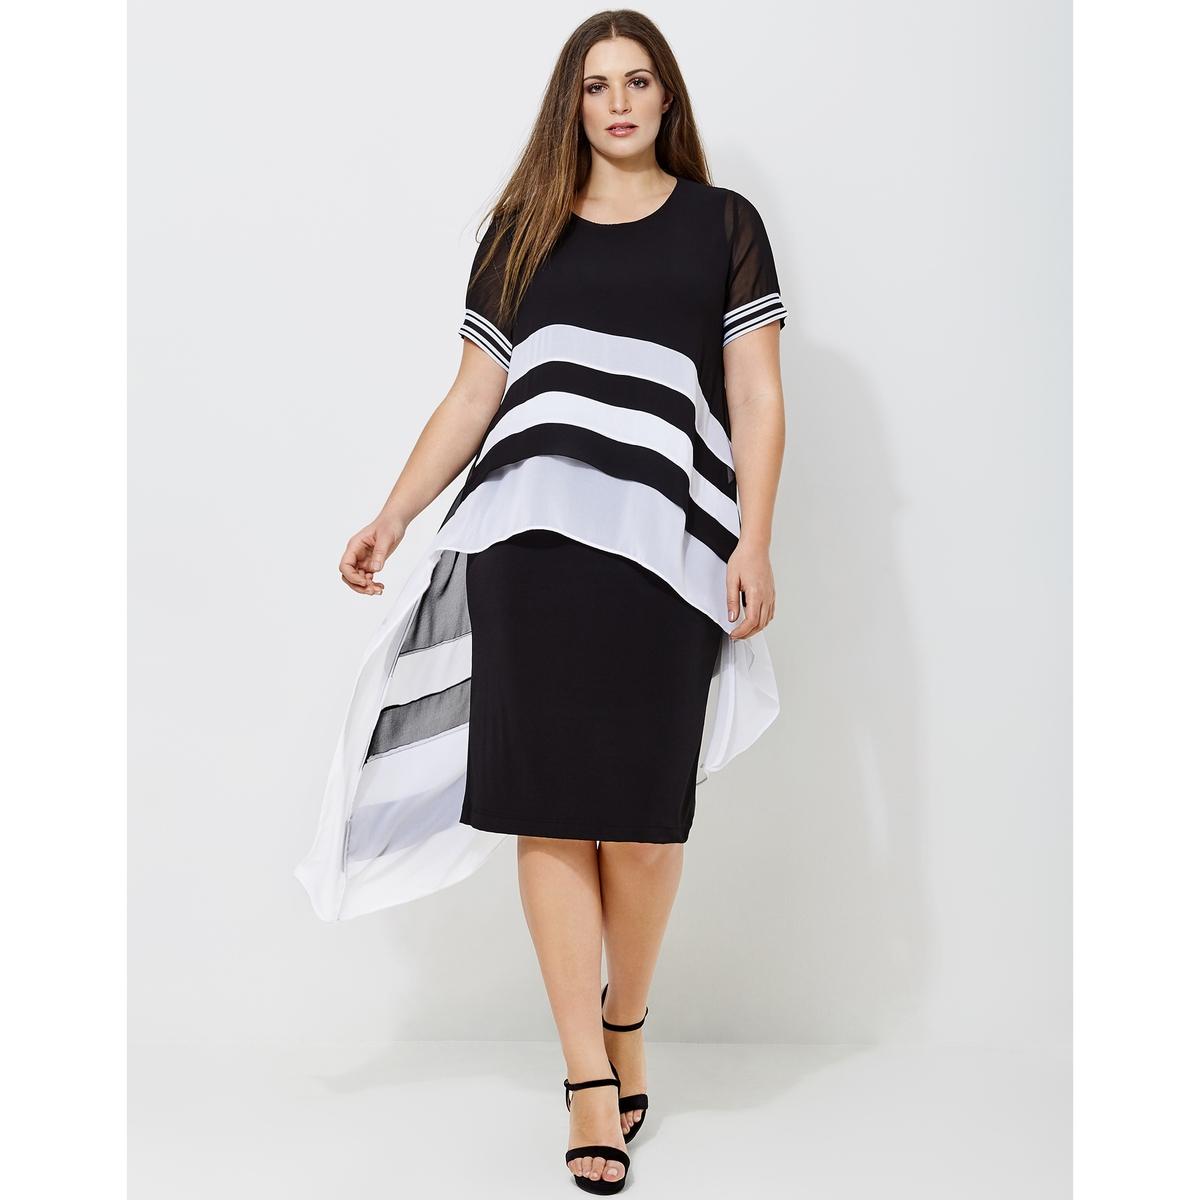 Платье длинное расклешенное с короткими рукавамиОписание:Детали •  Форма : расклешенная •  Длина ниже колен •  Короткие рукава    •   V-образный вырез •  Графический рисунокСостав и уход •  0% эластана, 100% полиэстер •  Следуйте рекомендациям по уходу, указанным на этикетке изделияТовар из коллекции больших размеров<br><br>Цвет: черный + белый